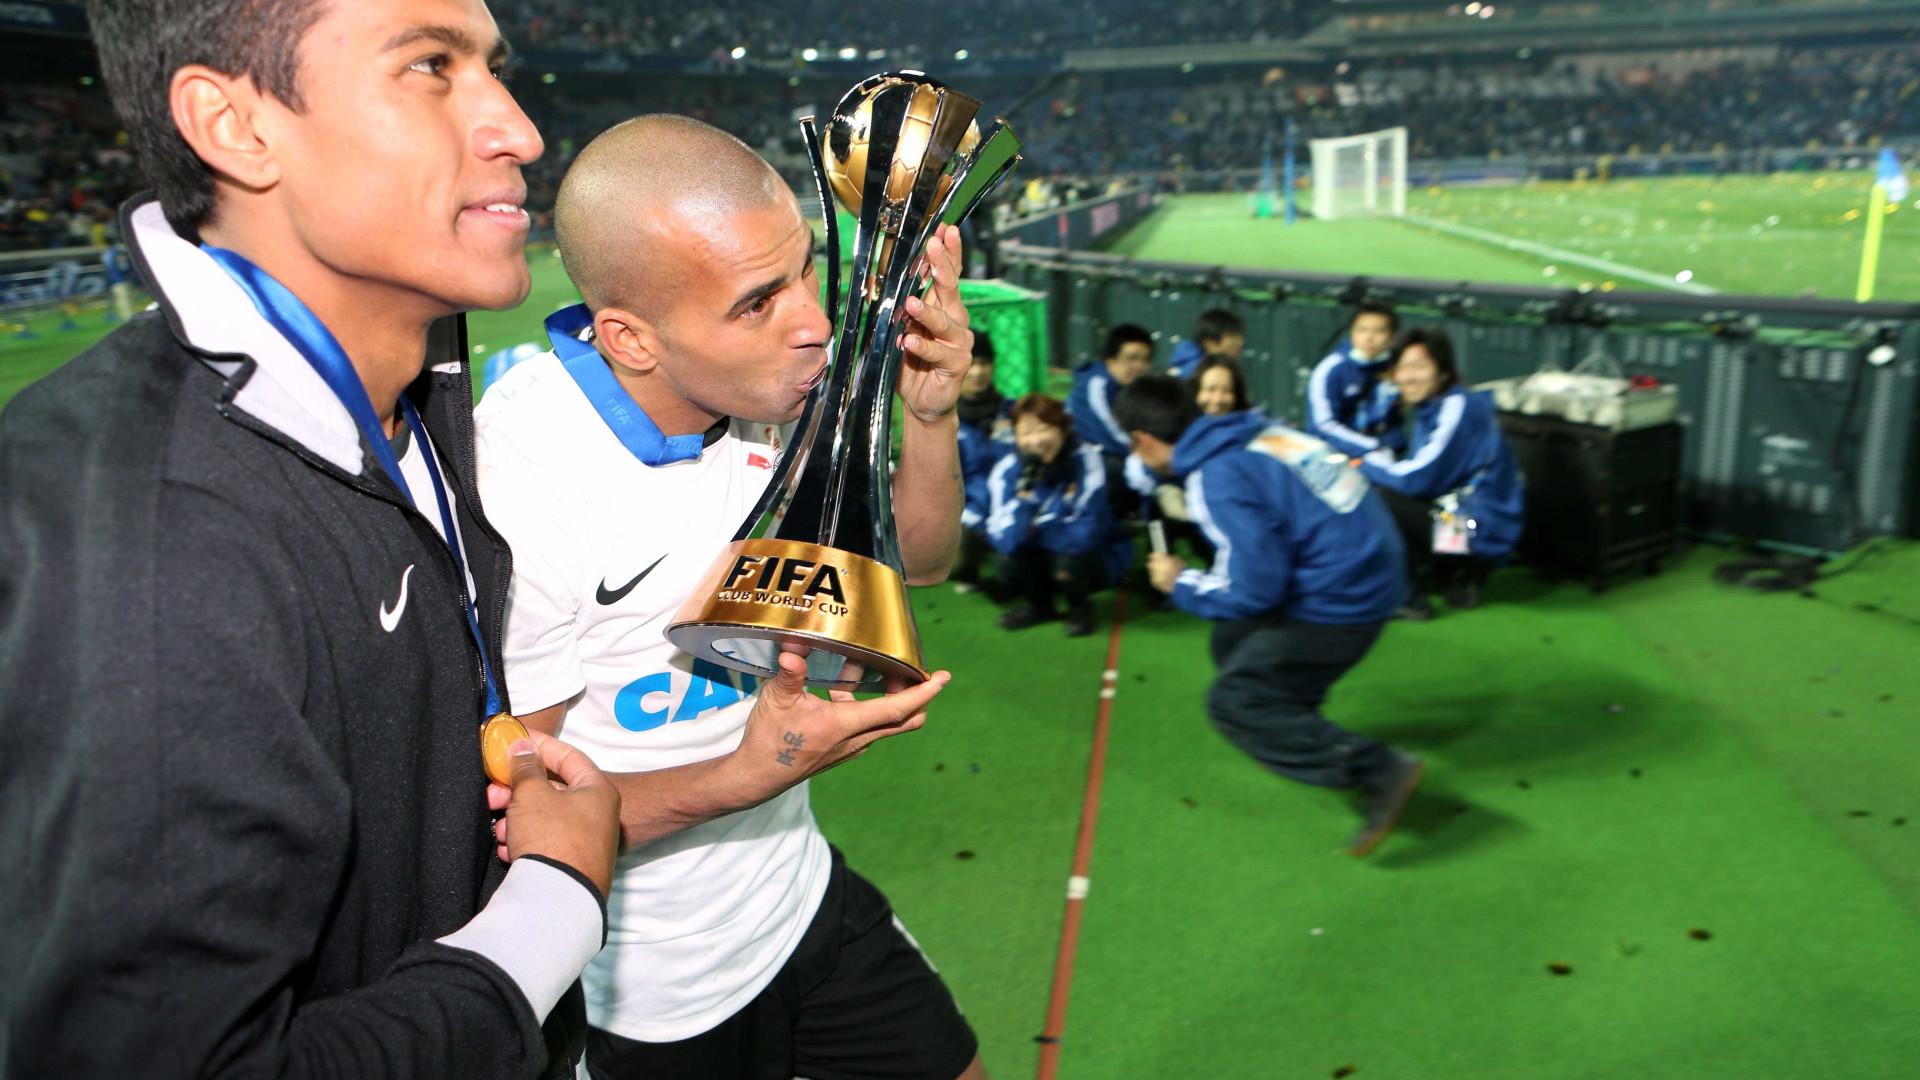 Justiça determina penhora de taça do Mundial de 2012 do Corinthians